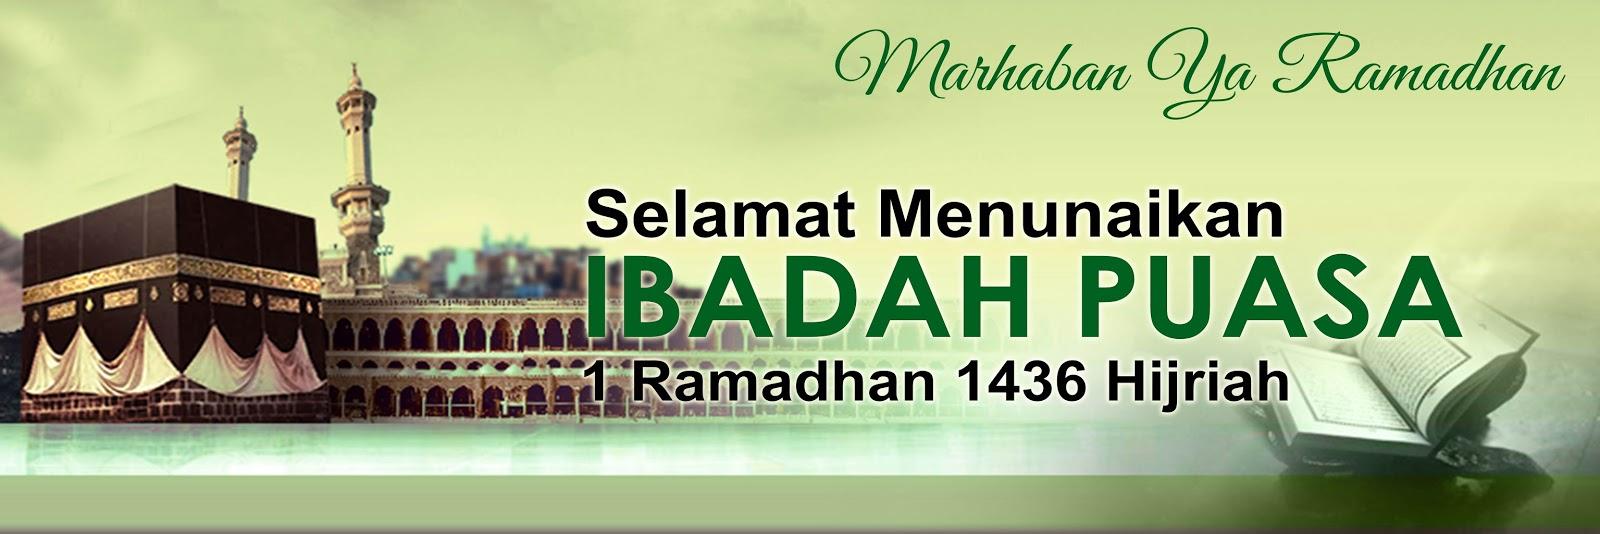 29+ Selamat Menyambut Ramadhan Pictures | Kata Mutiara Terbaru